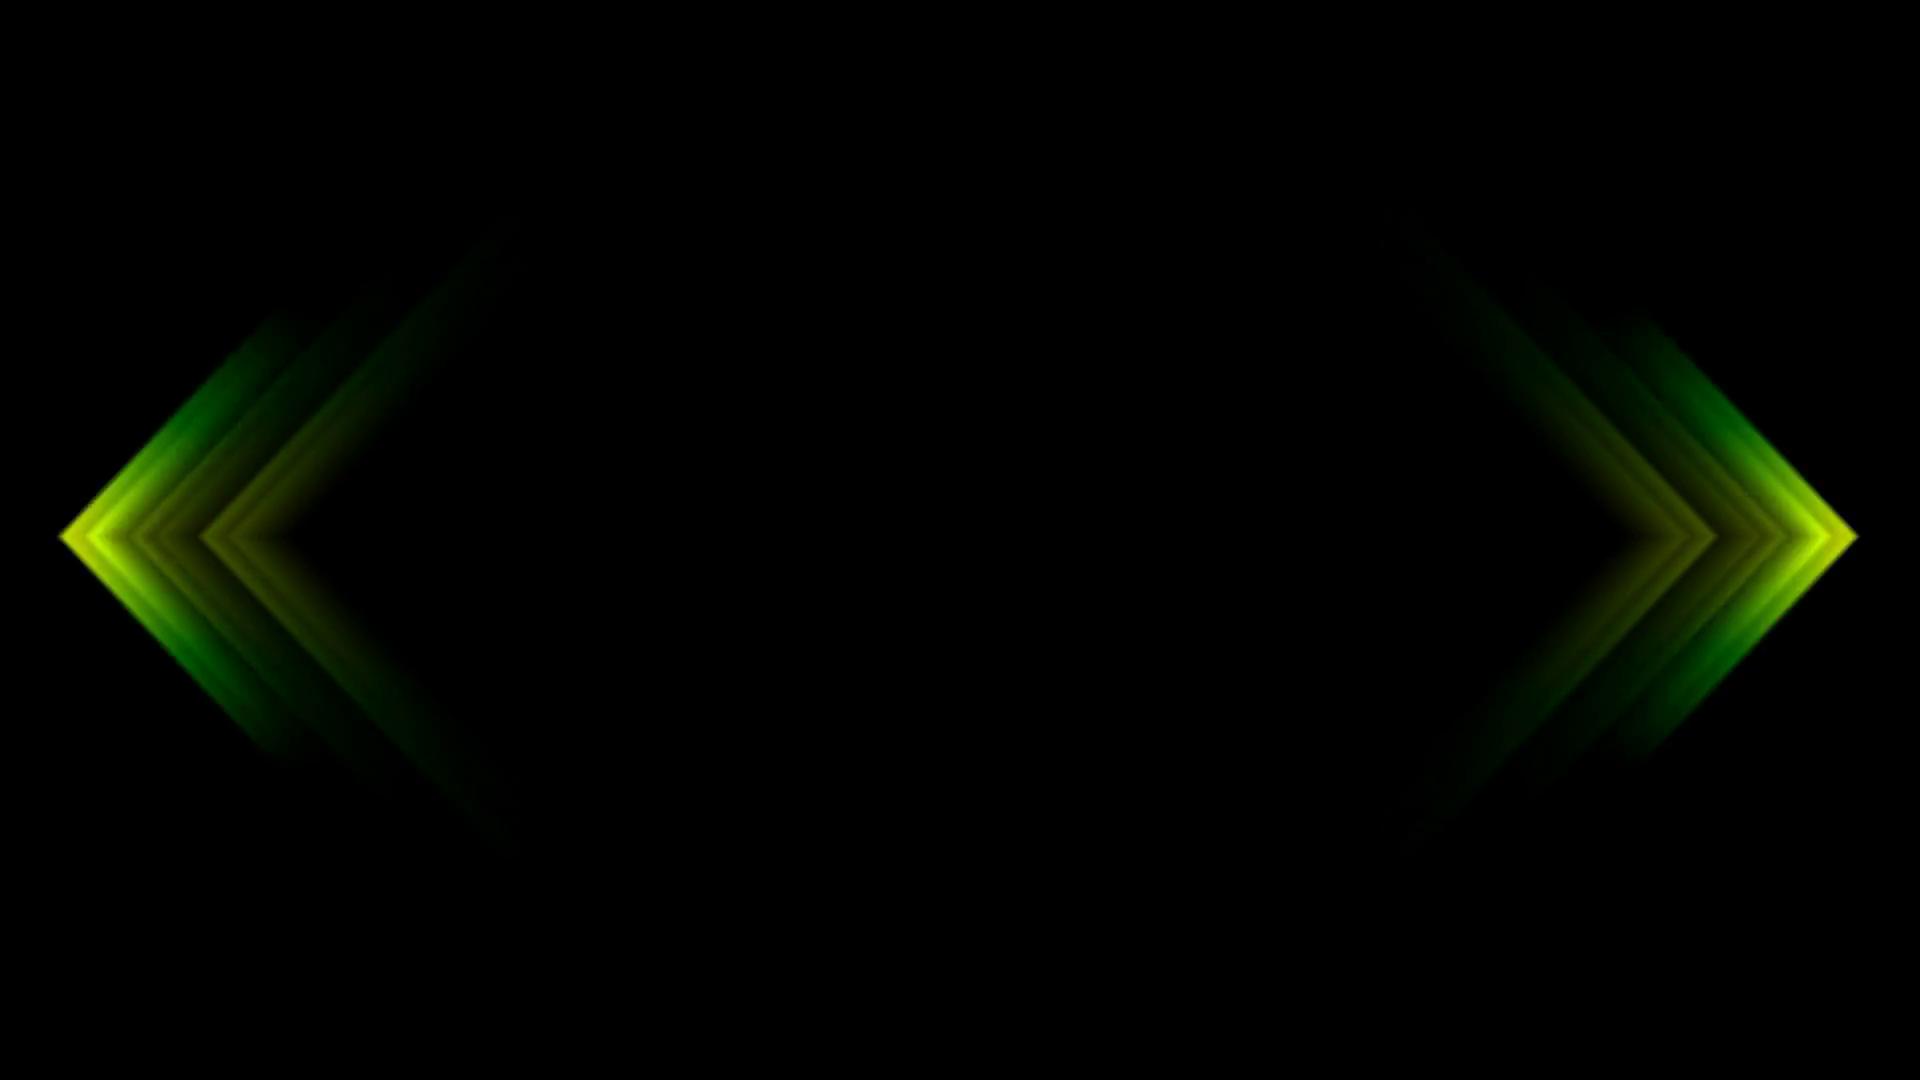 Hình nền màu đen cho laptop